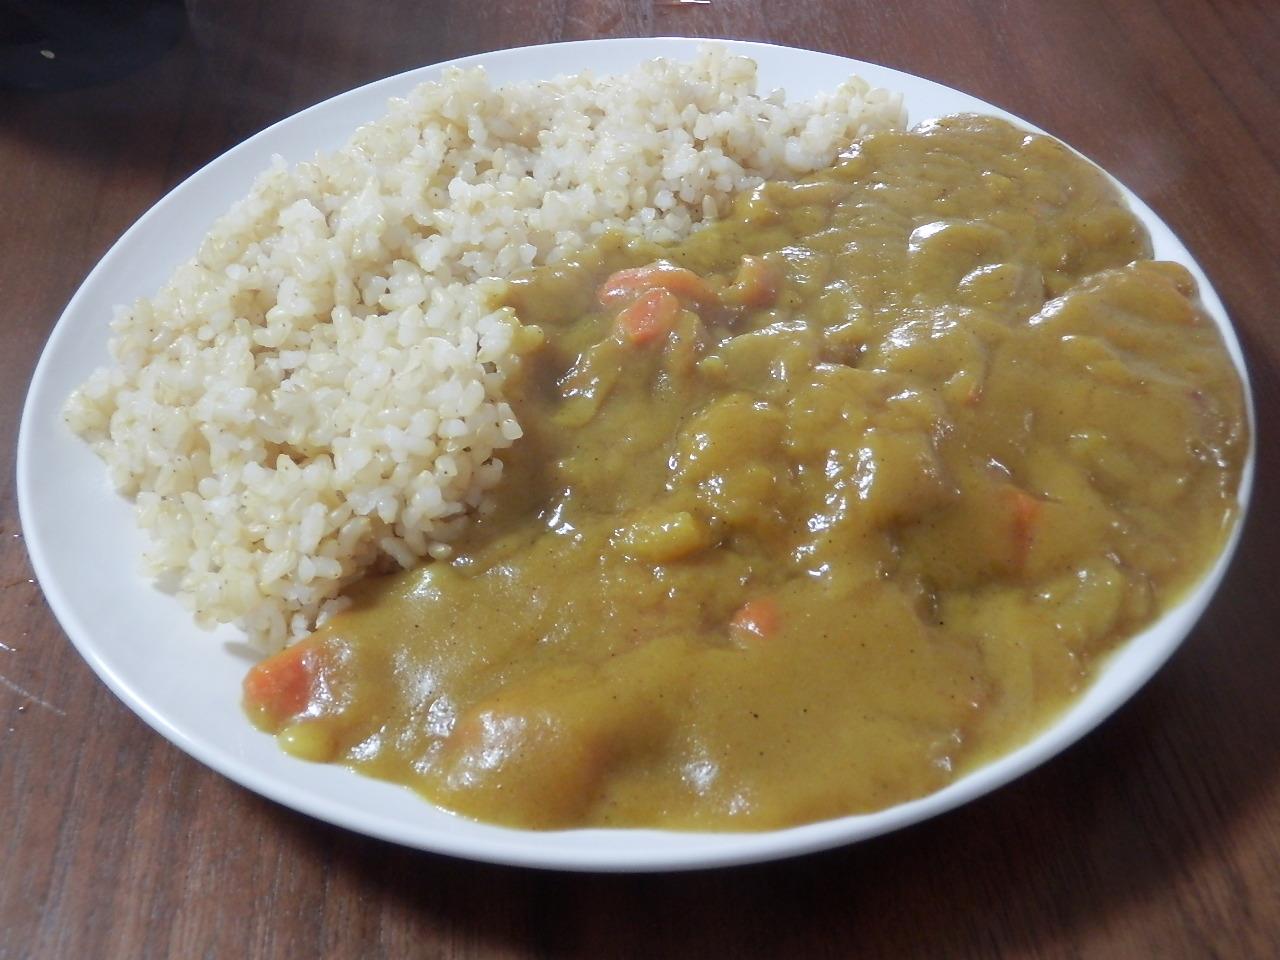 http://curry.tokyo-review.com/image3/P6080077.JPG